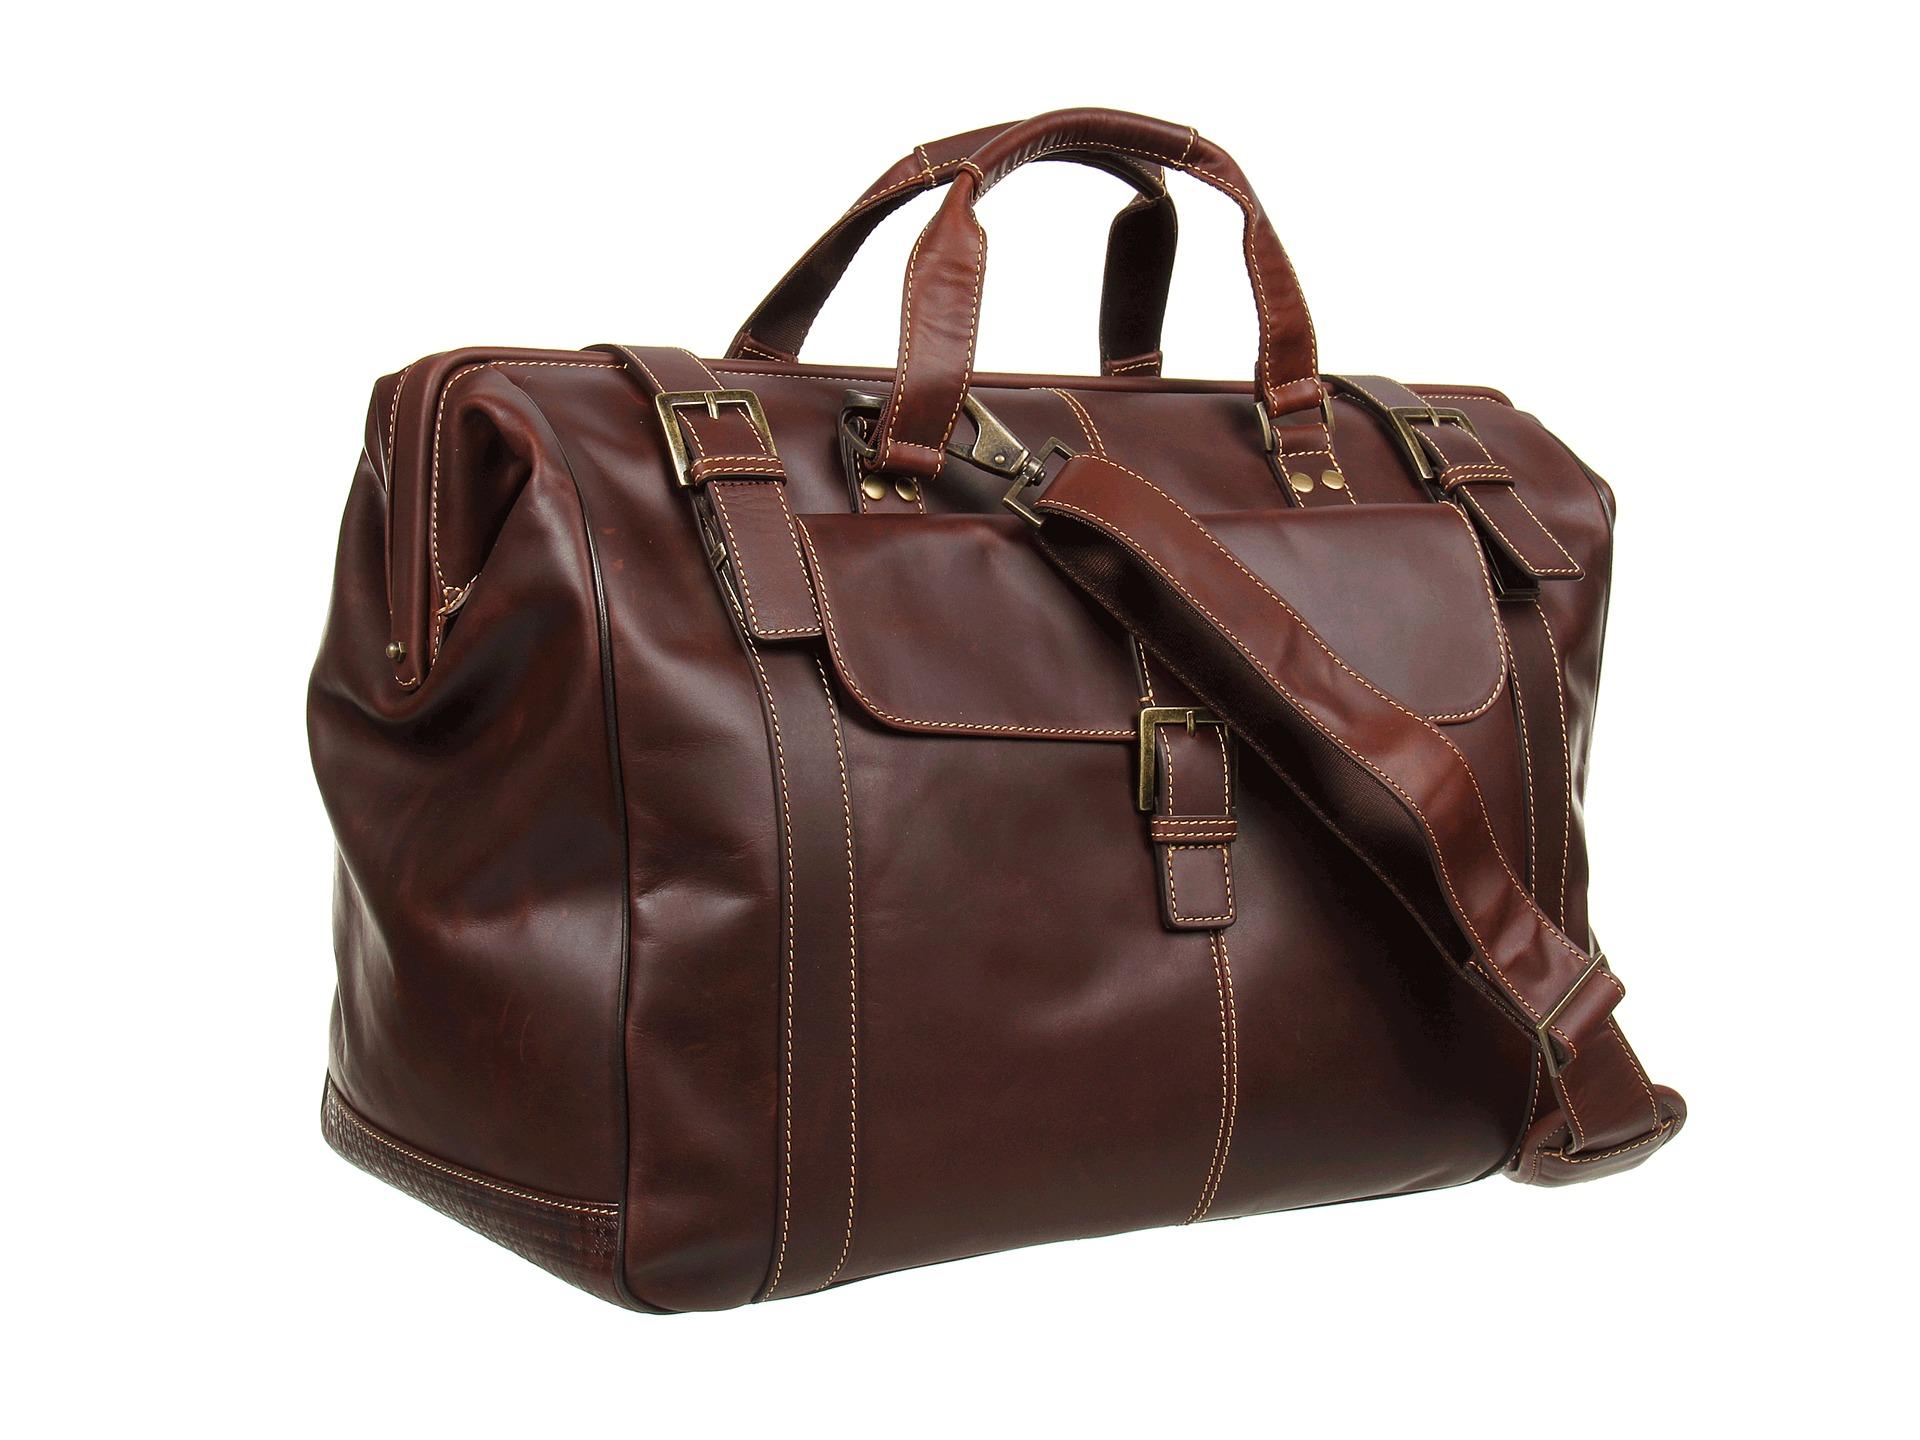 Boconi Bags And Leather Bryant Safari Bag